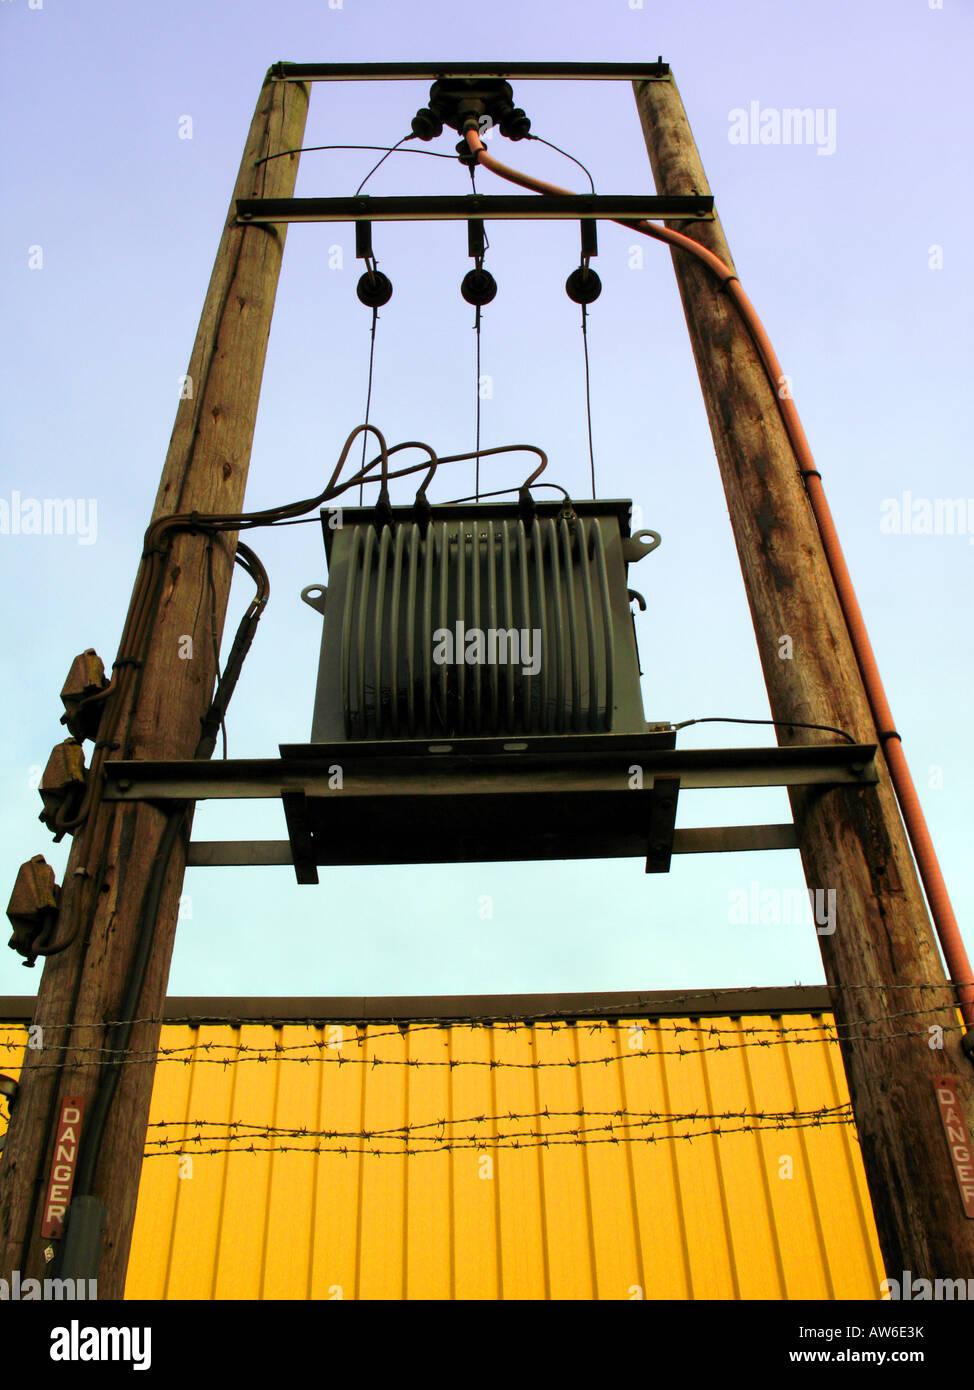 Red eléctrica transformador montado sobre una torre de postes de ...